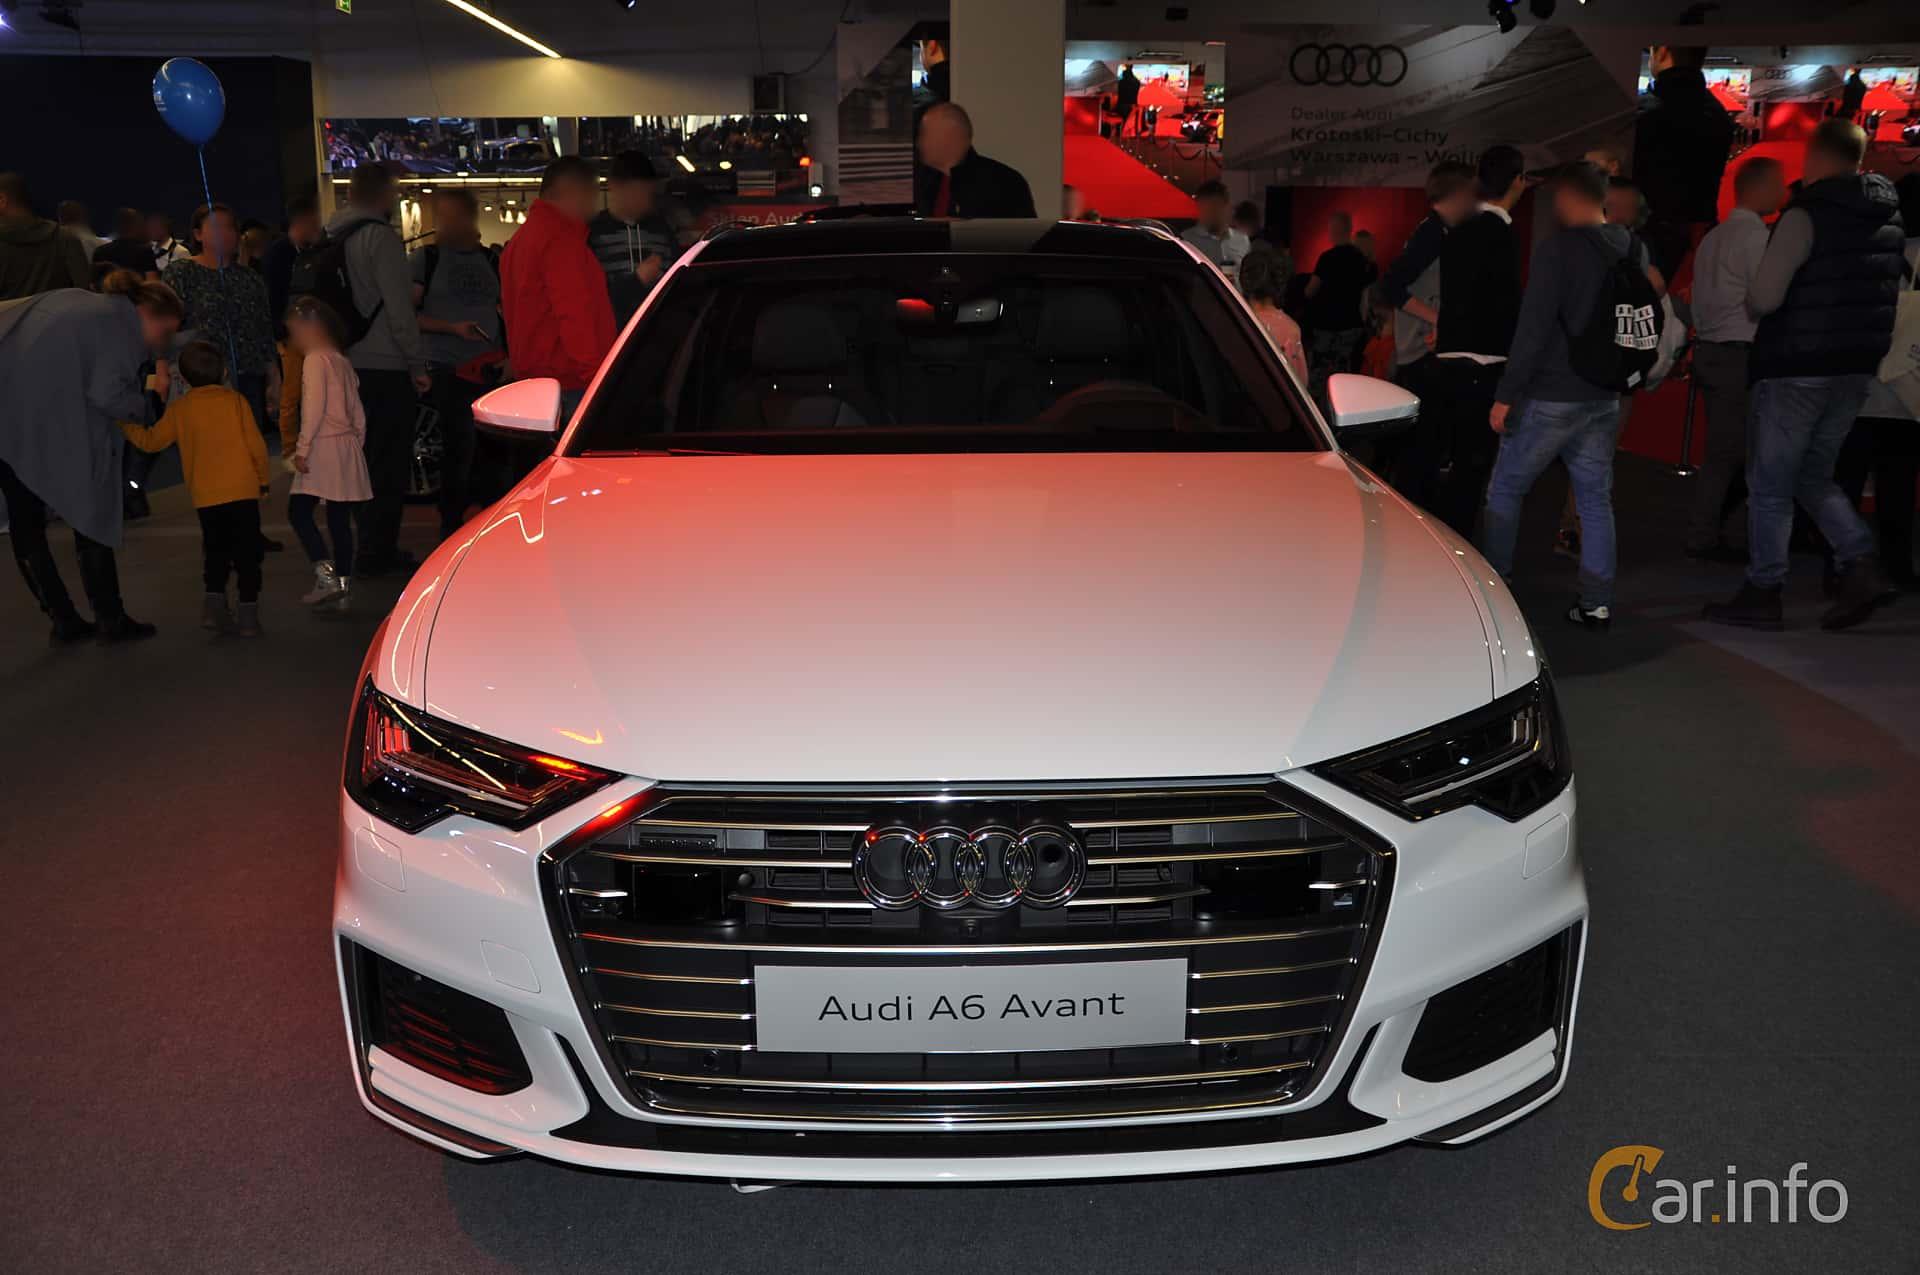 Audi A6 50 TDI quattro Avant  TipTronic, 286hp, 2018 at Warsawa Motorshow 2018